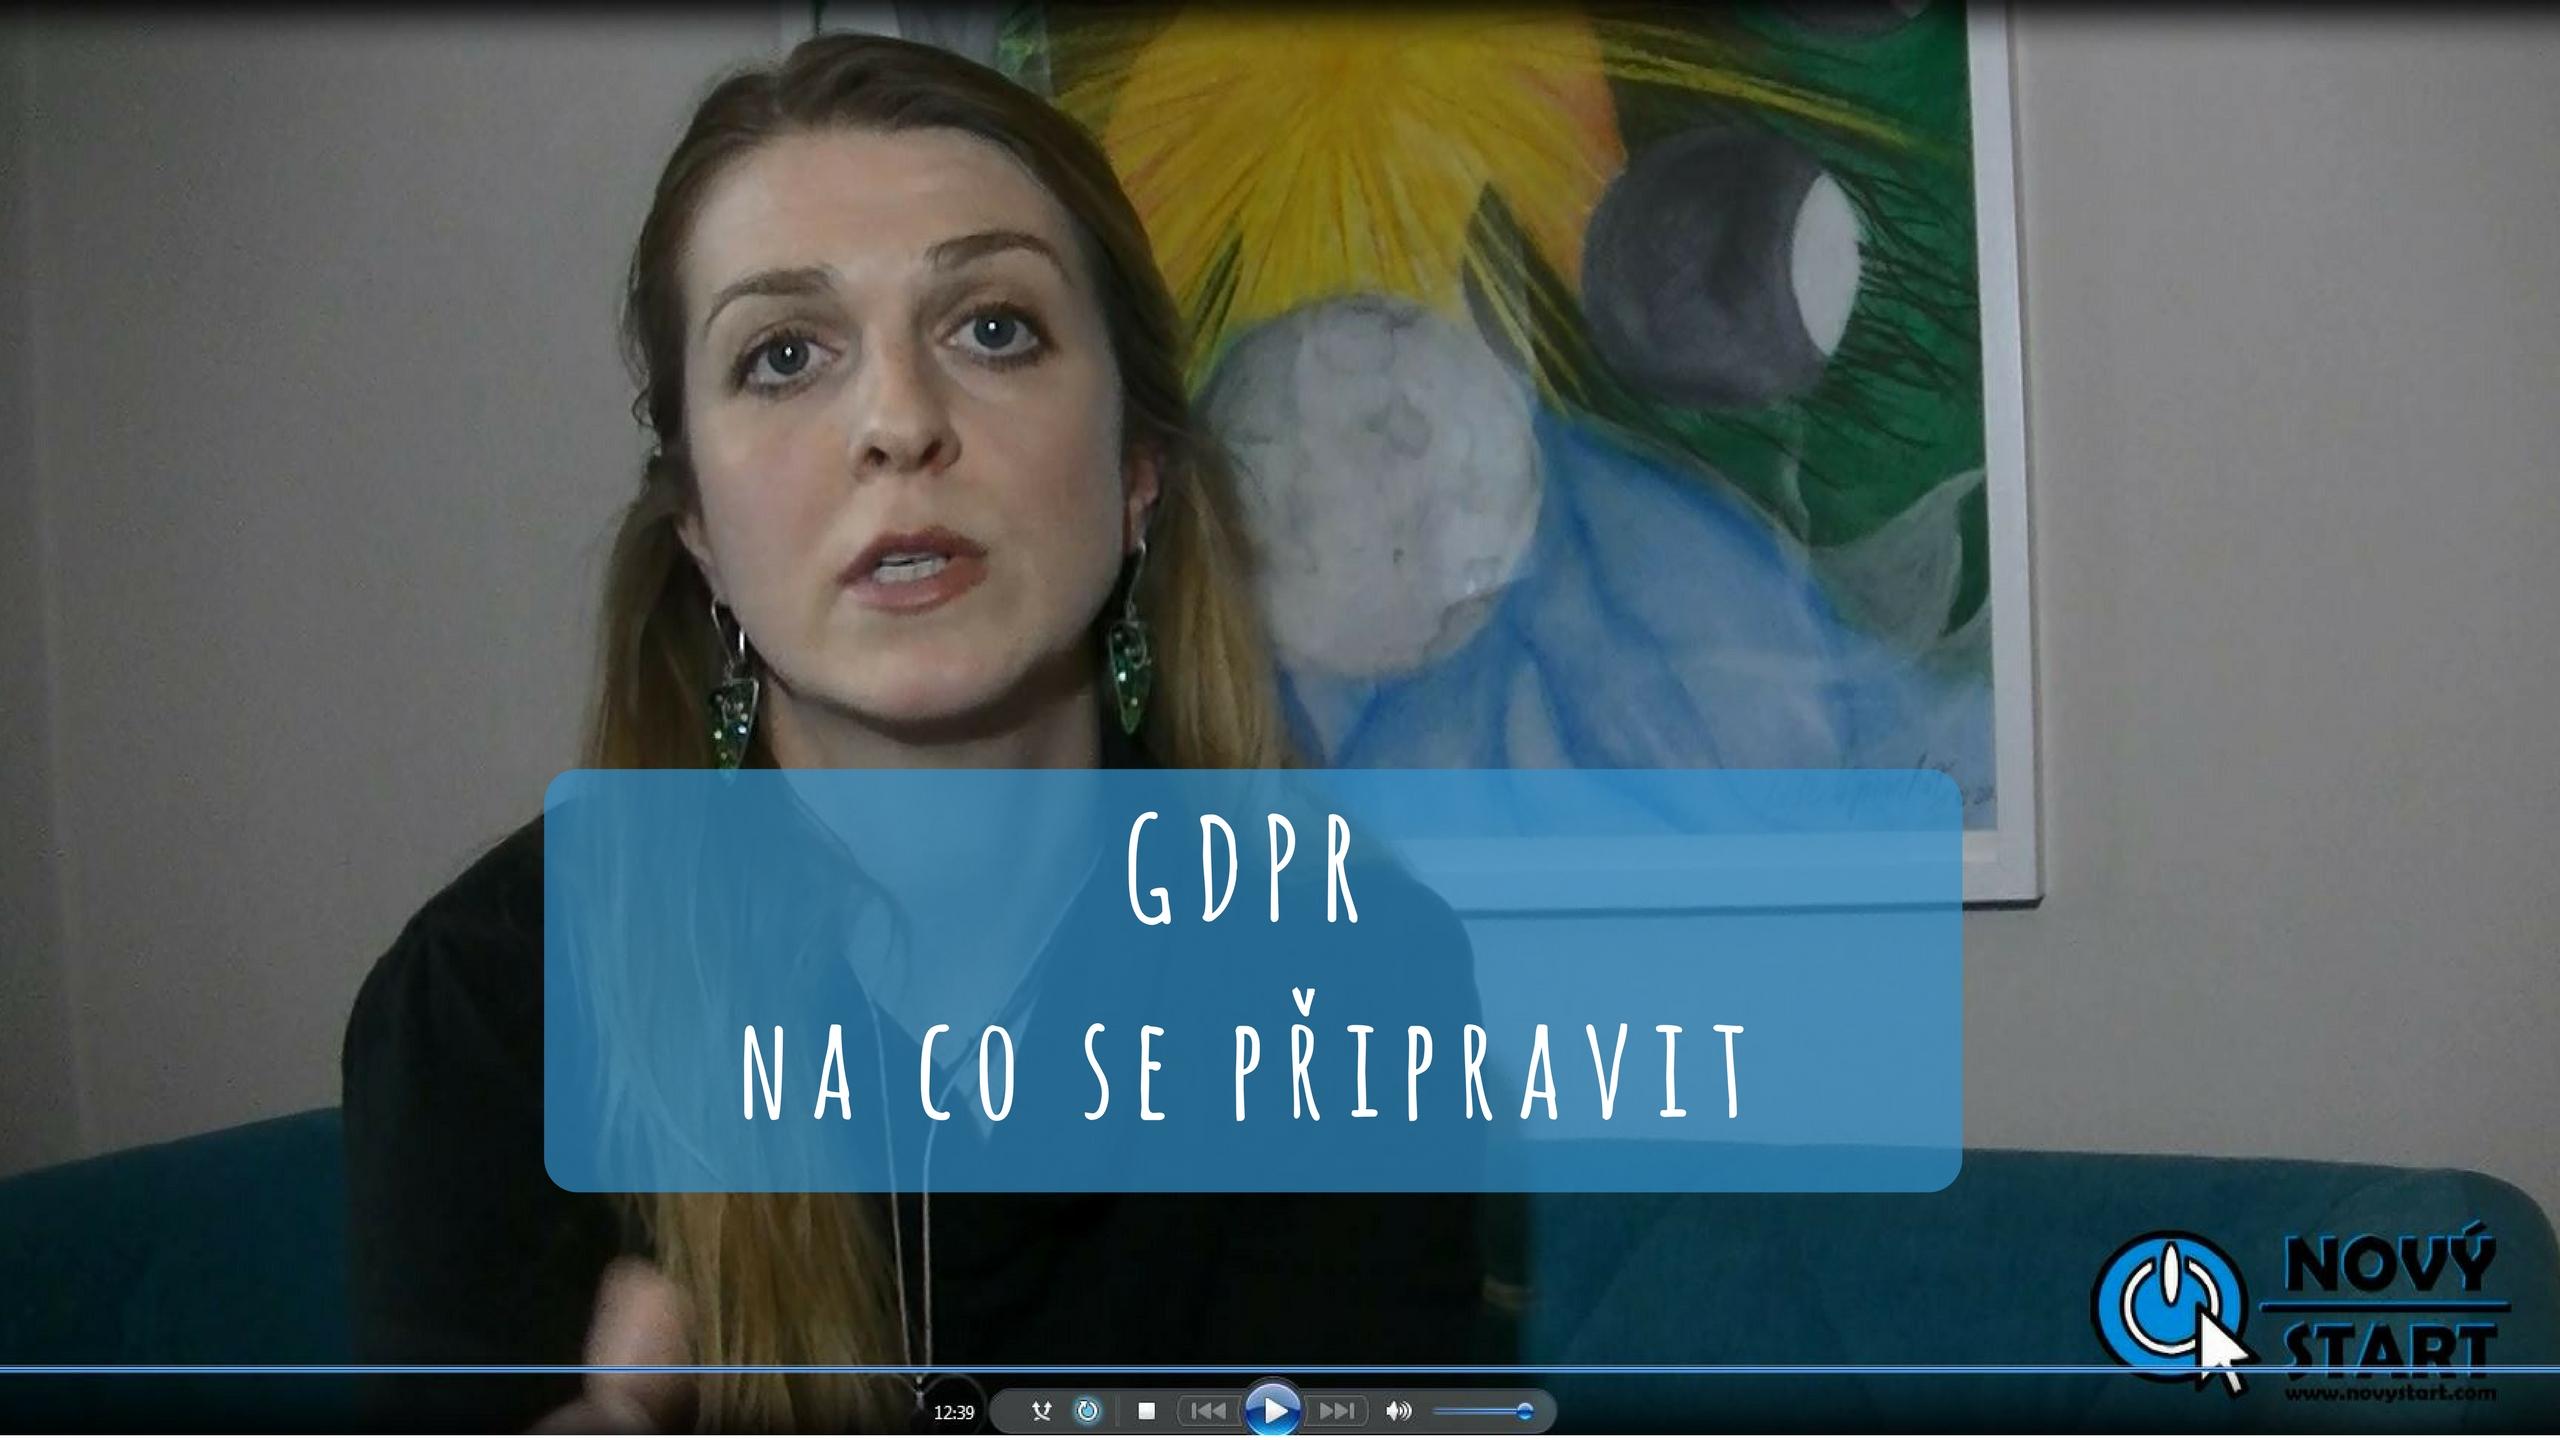 GDPR – na co se připravit?